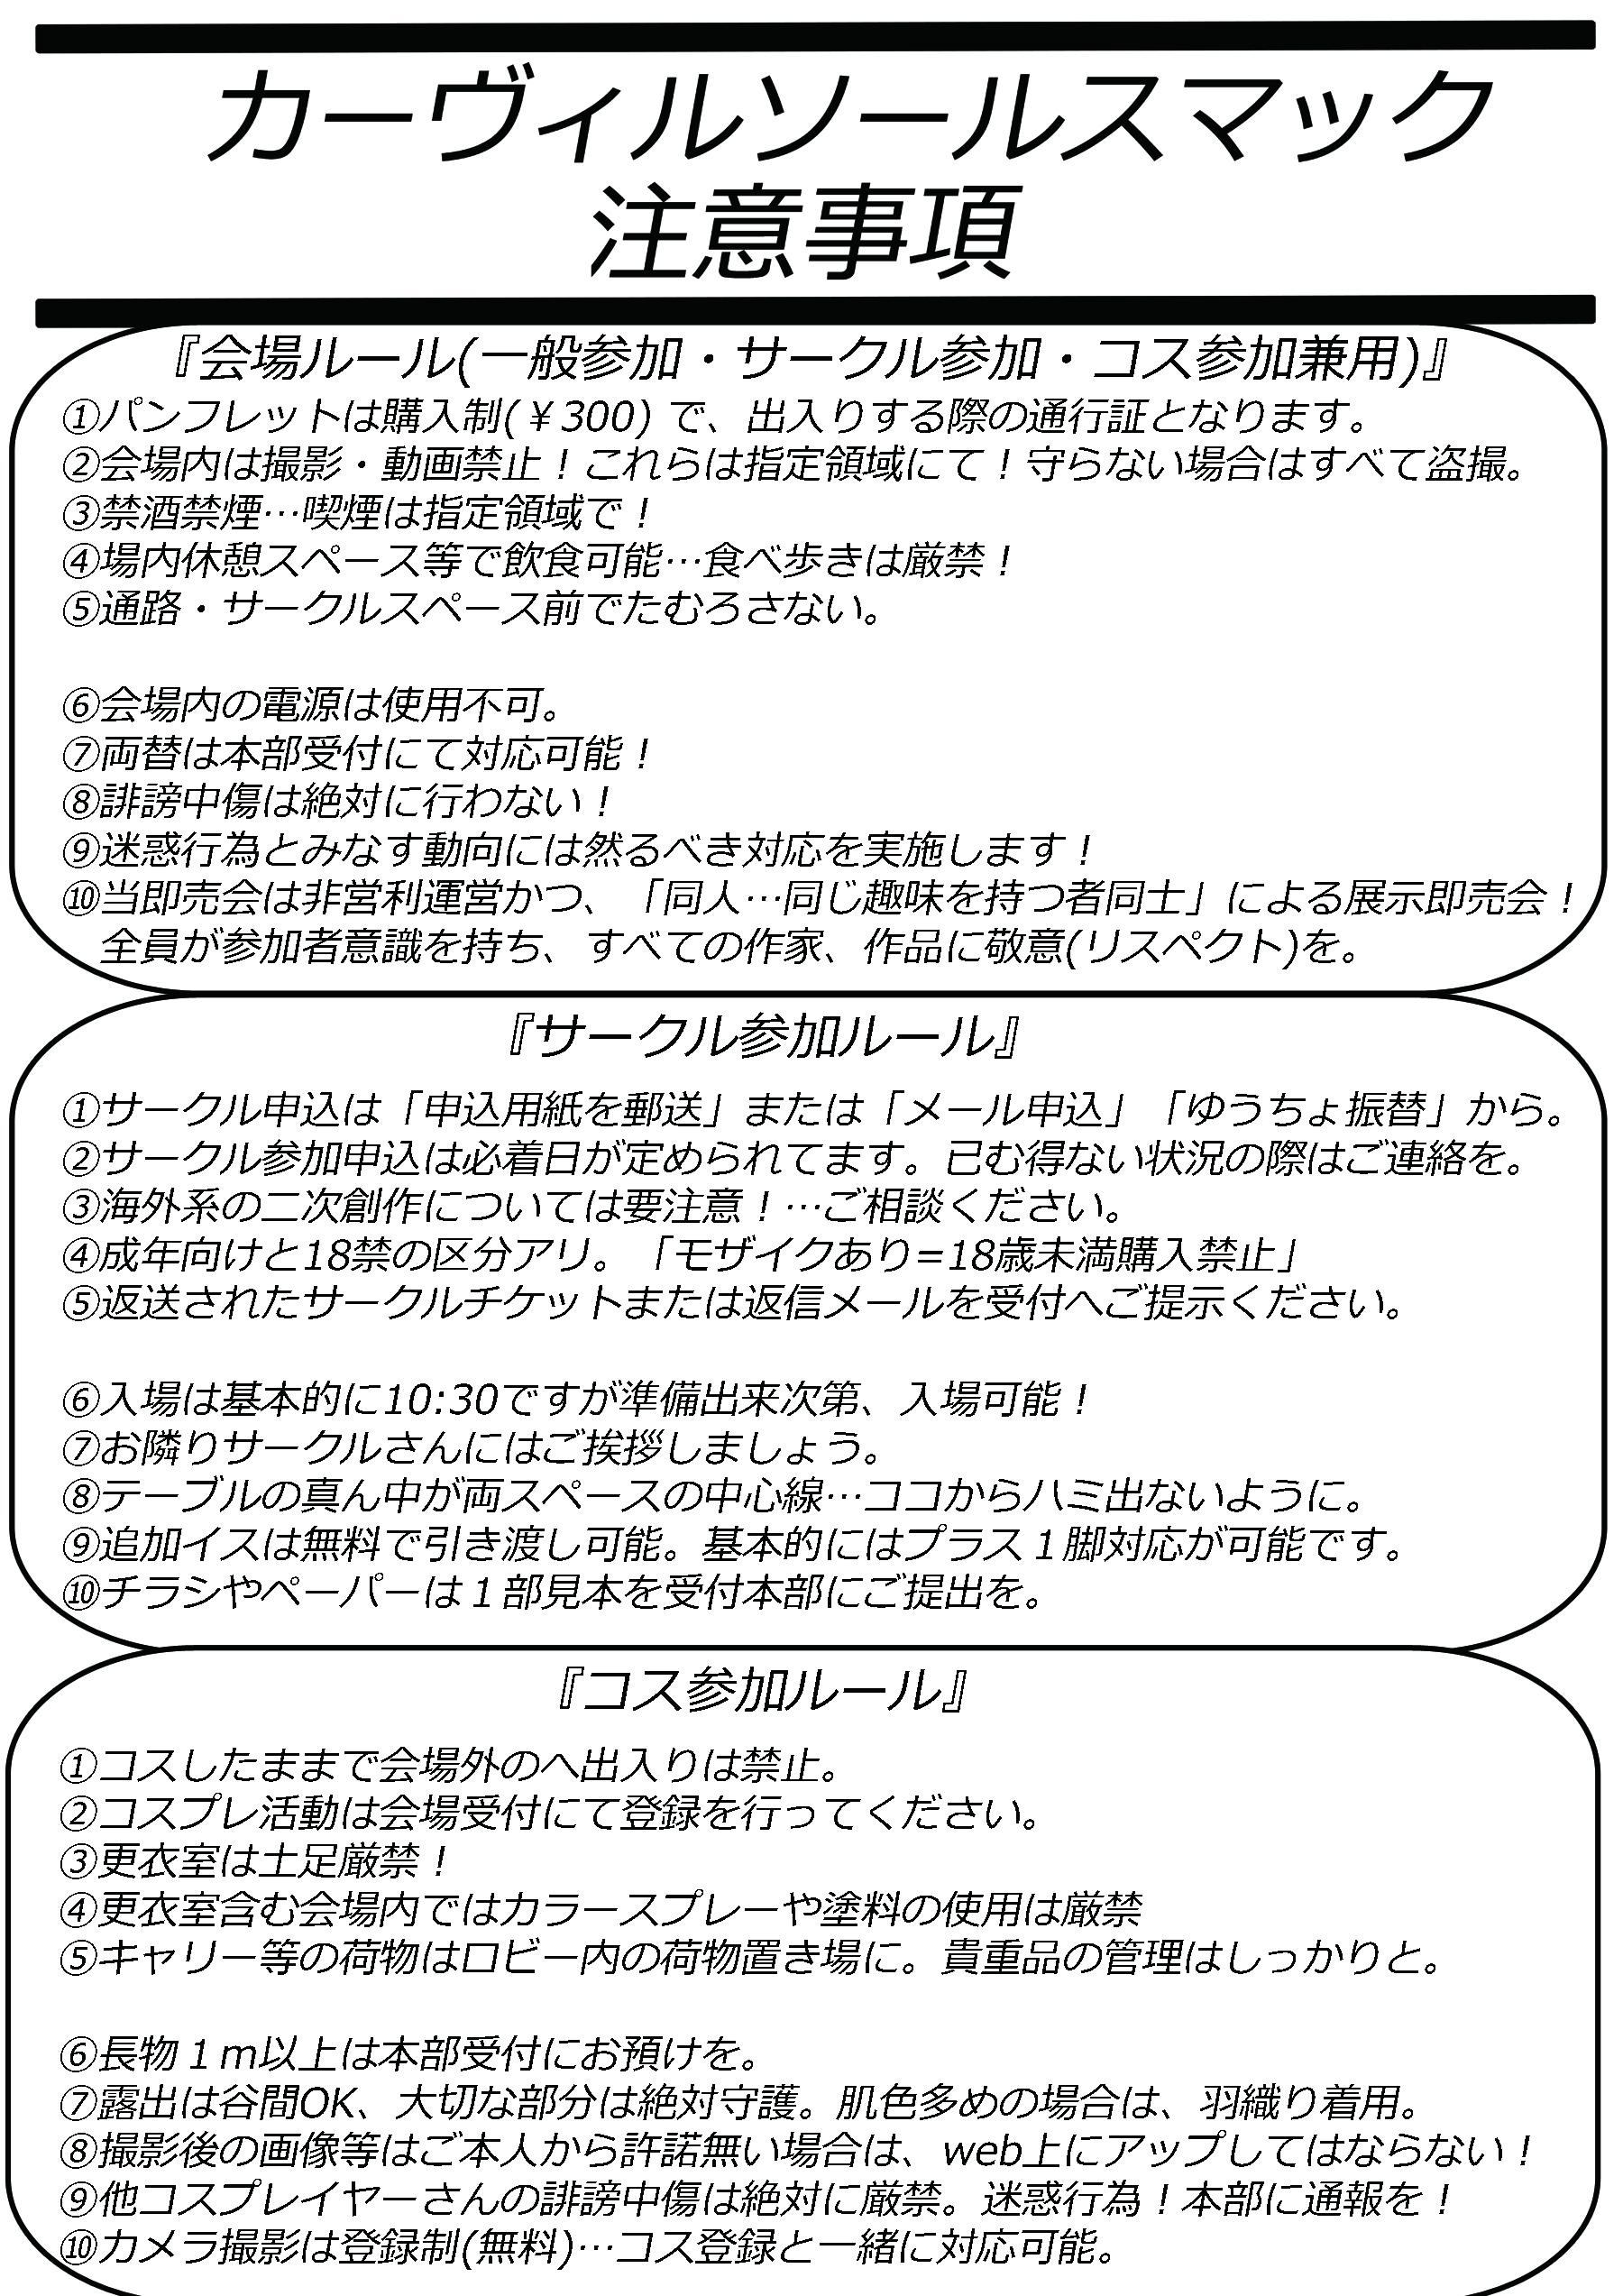 CS申込書D04(注意事項)